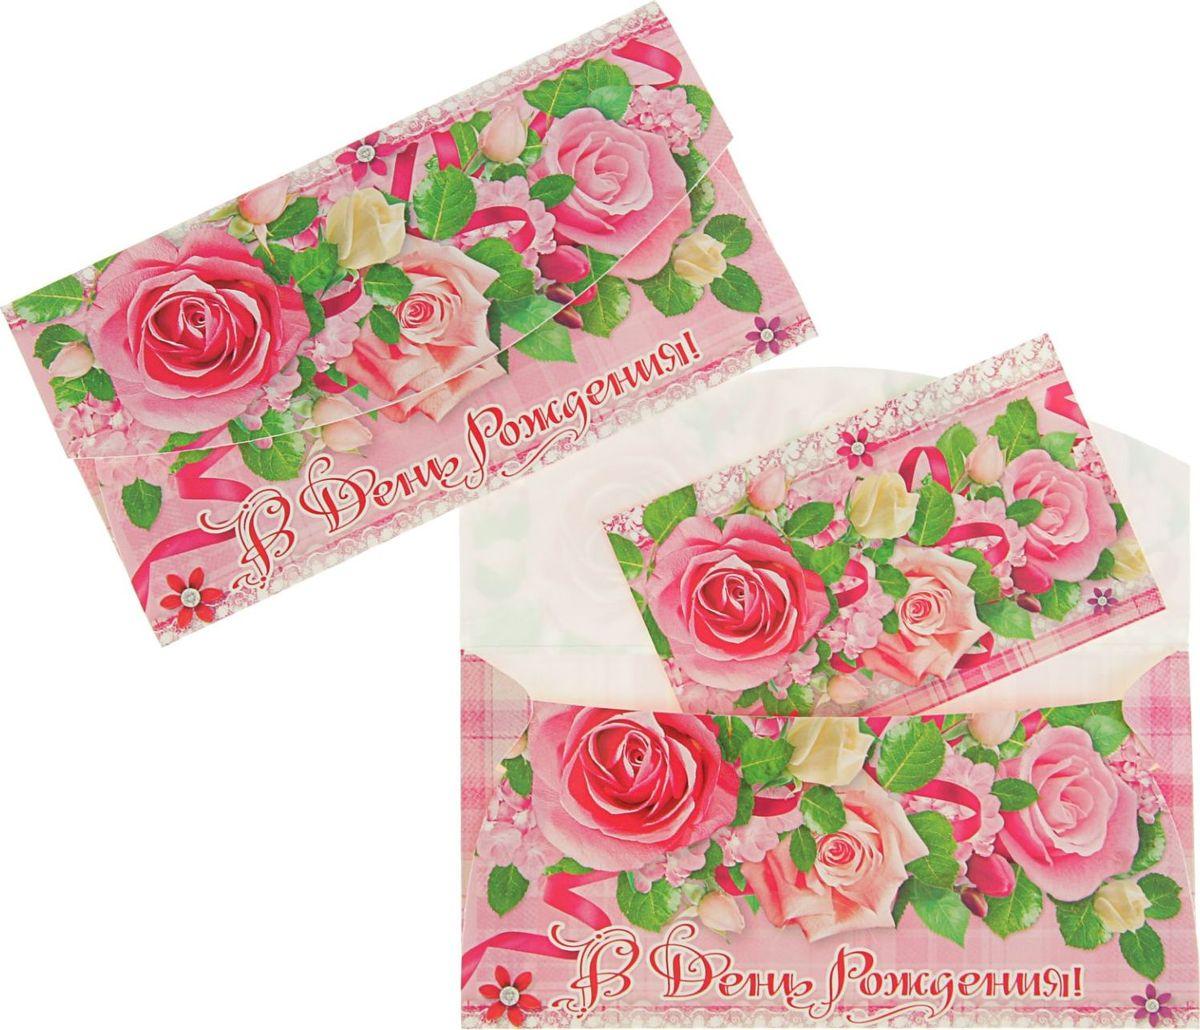 Конверт для денег Русский дизайн В День Рождения! Розы, розовый фон, 8,5 х 16,5 см2430836Невозможно представить нашу жизнь без праздников! Мы всегда ждём их и предвкушаем, обдумываем, как проведём памятный день, тщательно выбираем подарки и аксессуары, ведь именно они создают и поддерживают торжественный настрой. Этот конверт - отличный выбор, который привнесёт атмосферу праздника в ваш дом!